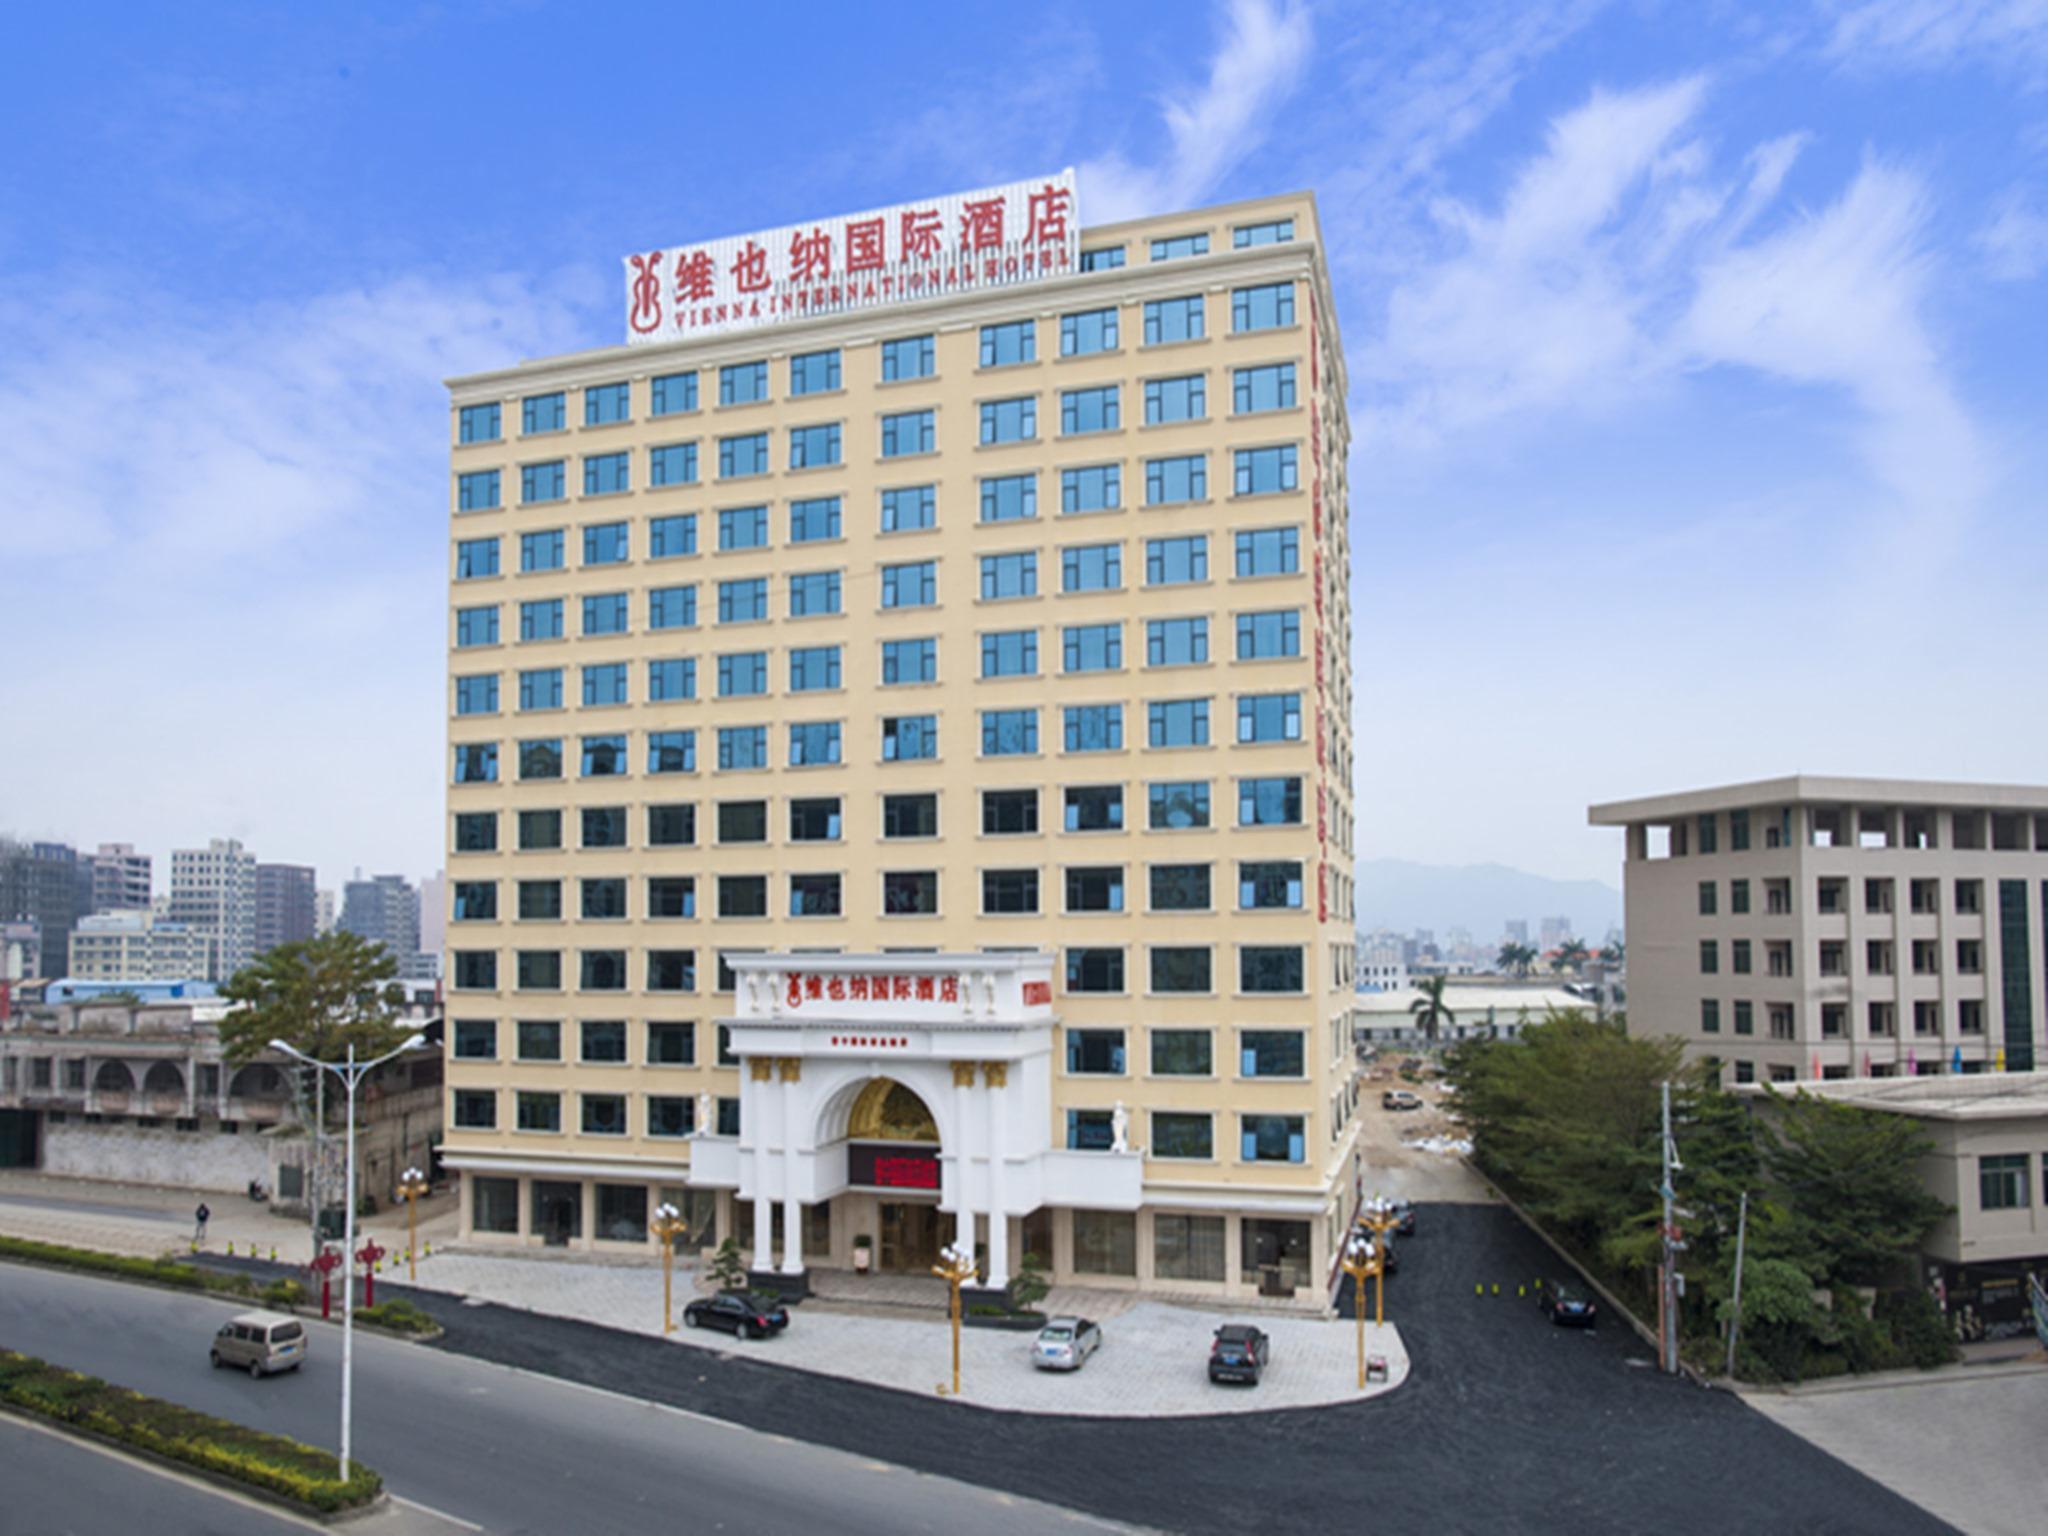 Vienna International Hotel Jieyang International Commodity City, Jieyang